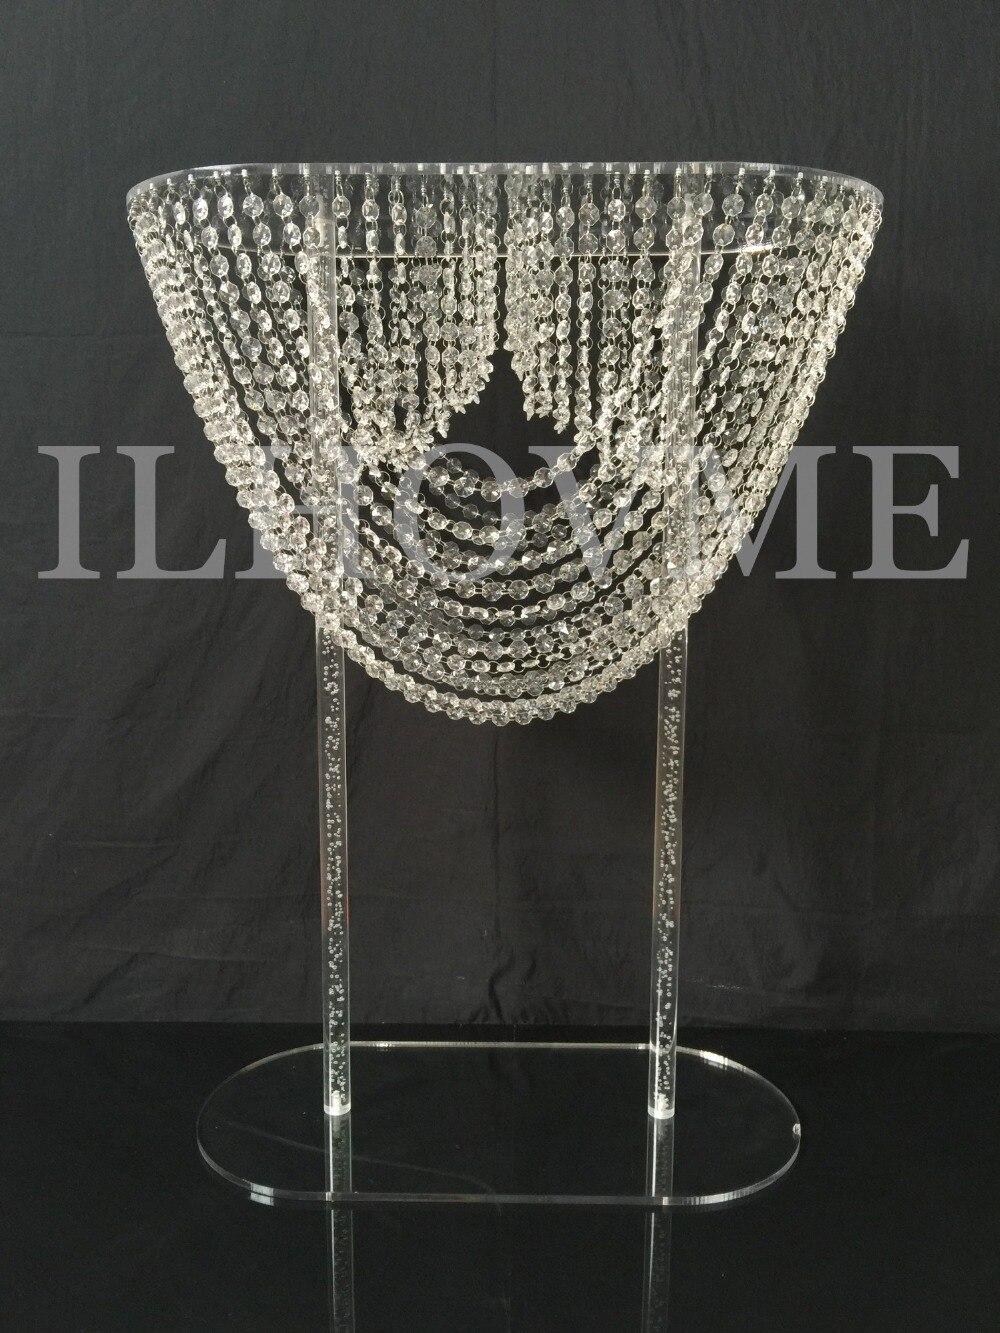 5 шт. 80 120cmtall кристалл акриловые свадьбы центральным/кристалл свадебный торт стенд/Acryli цветок стенд/свадьбы столб украшение стола